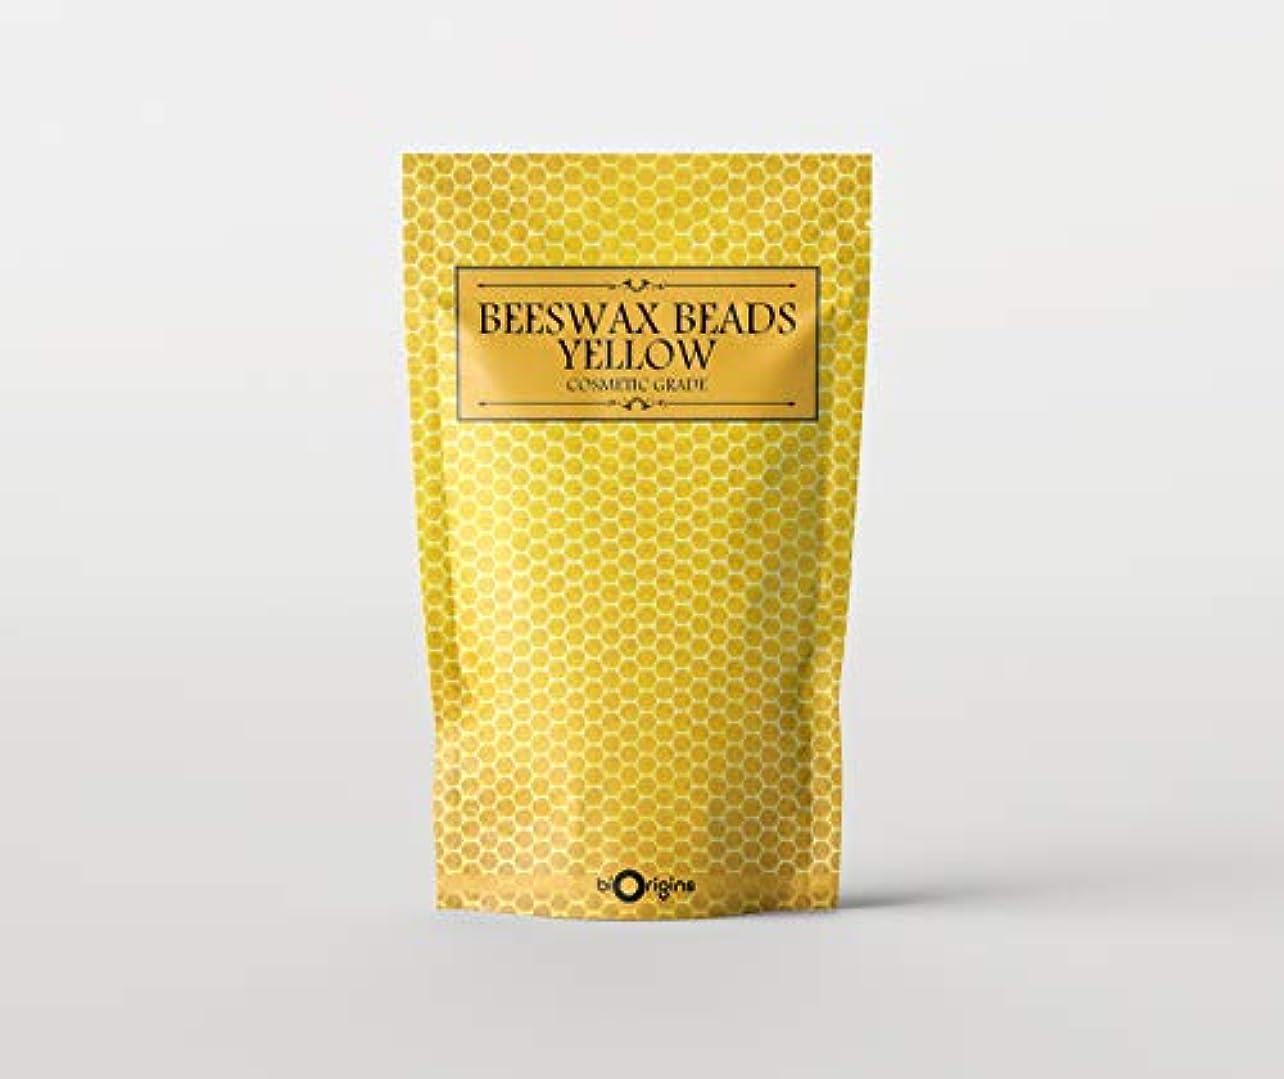 恐れる憲法ベリーBeeswax Beads Yellow - Cosmetic Grade - 500g